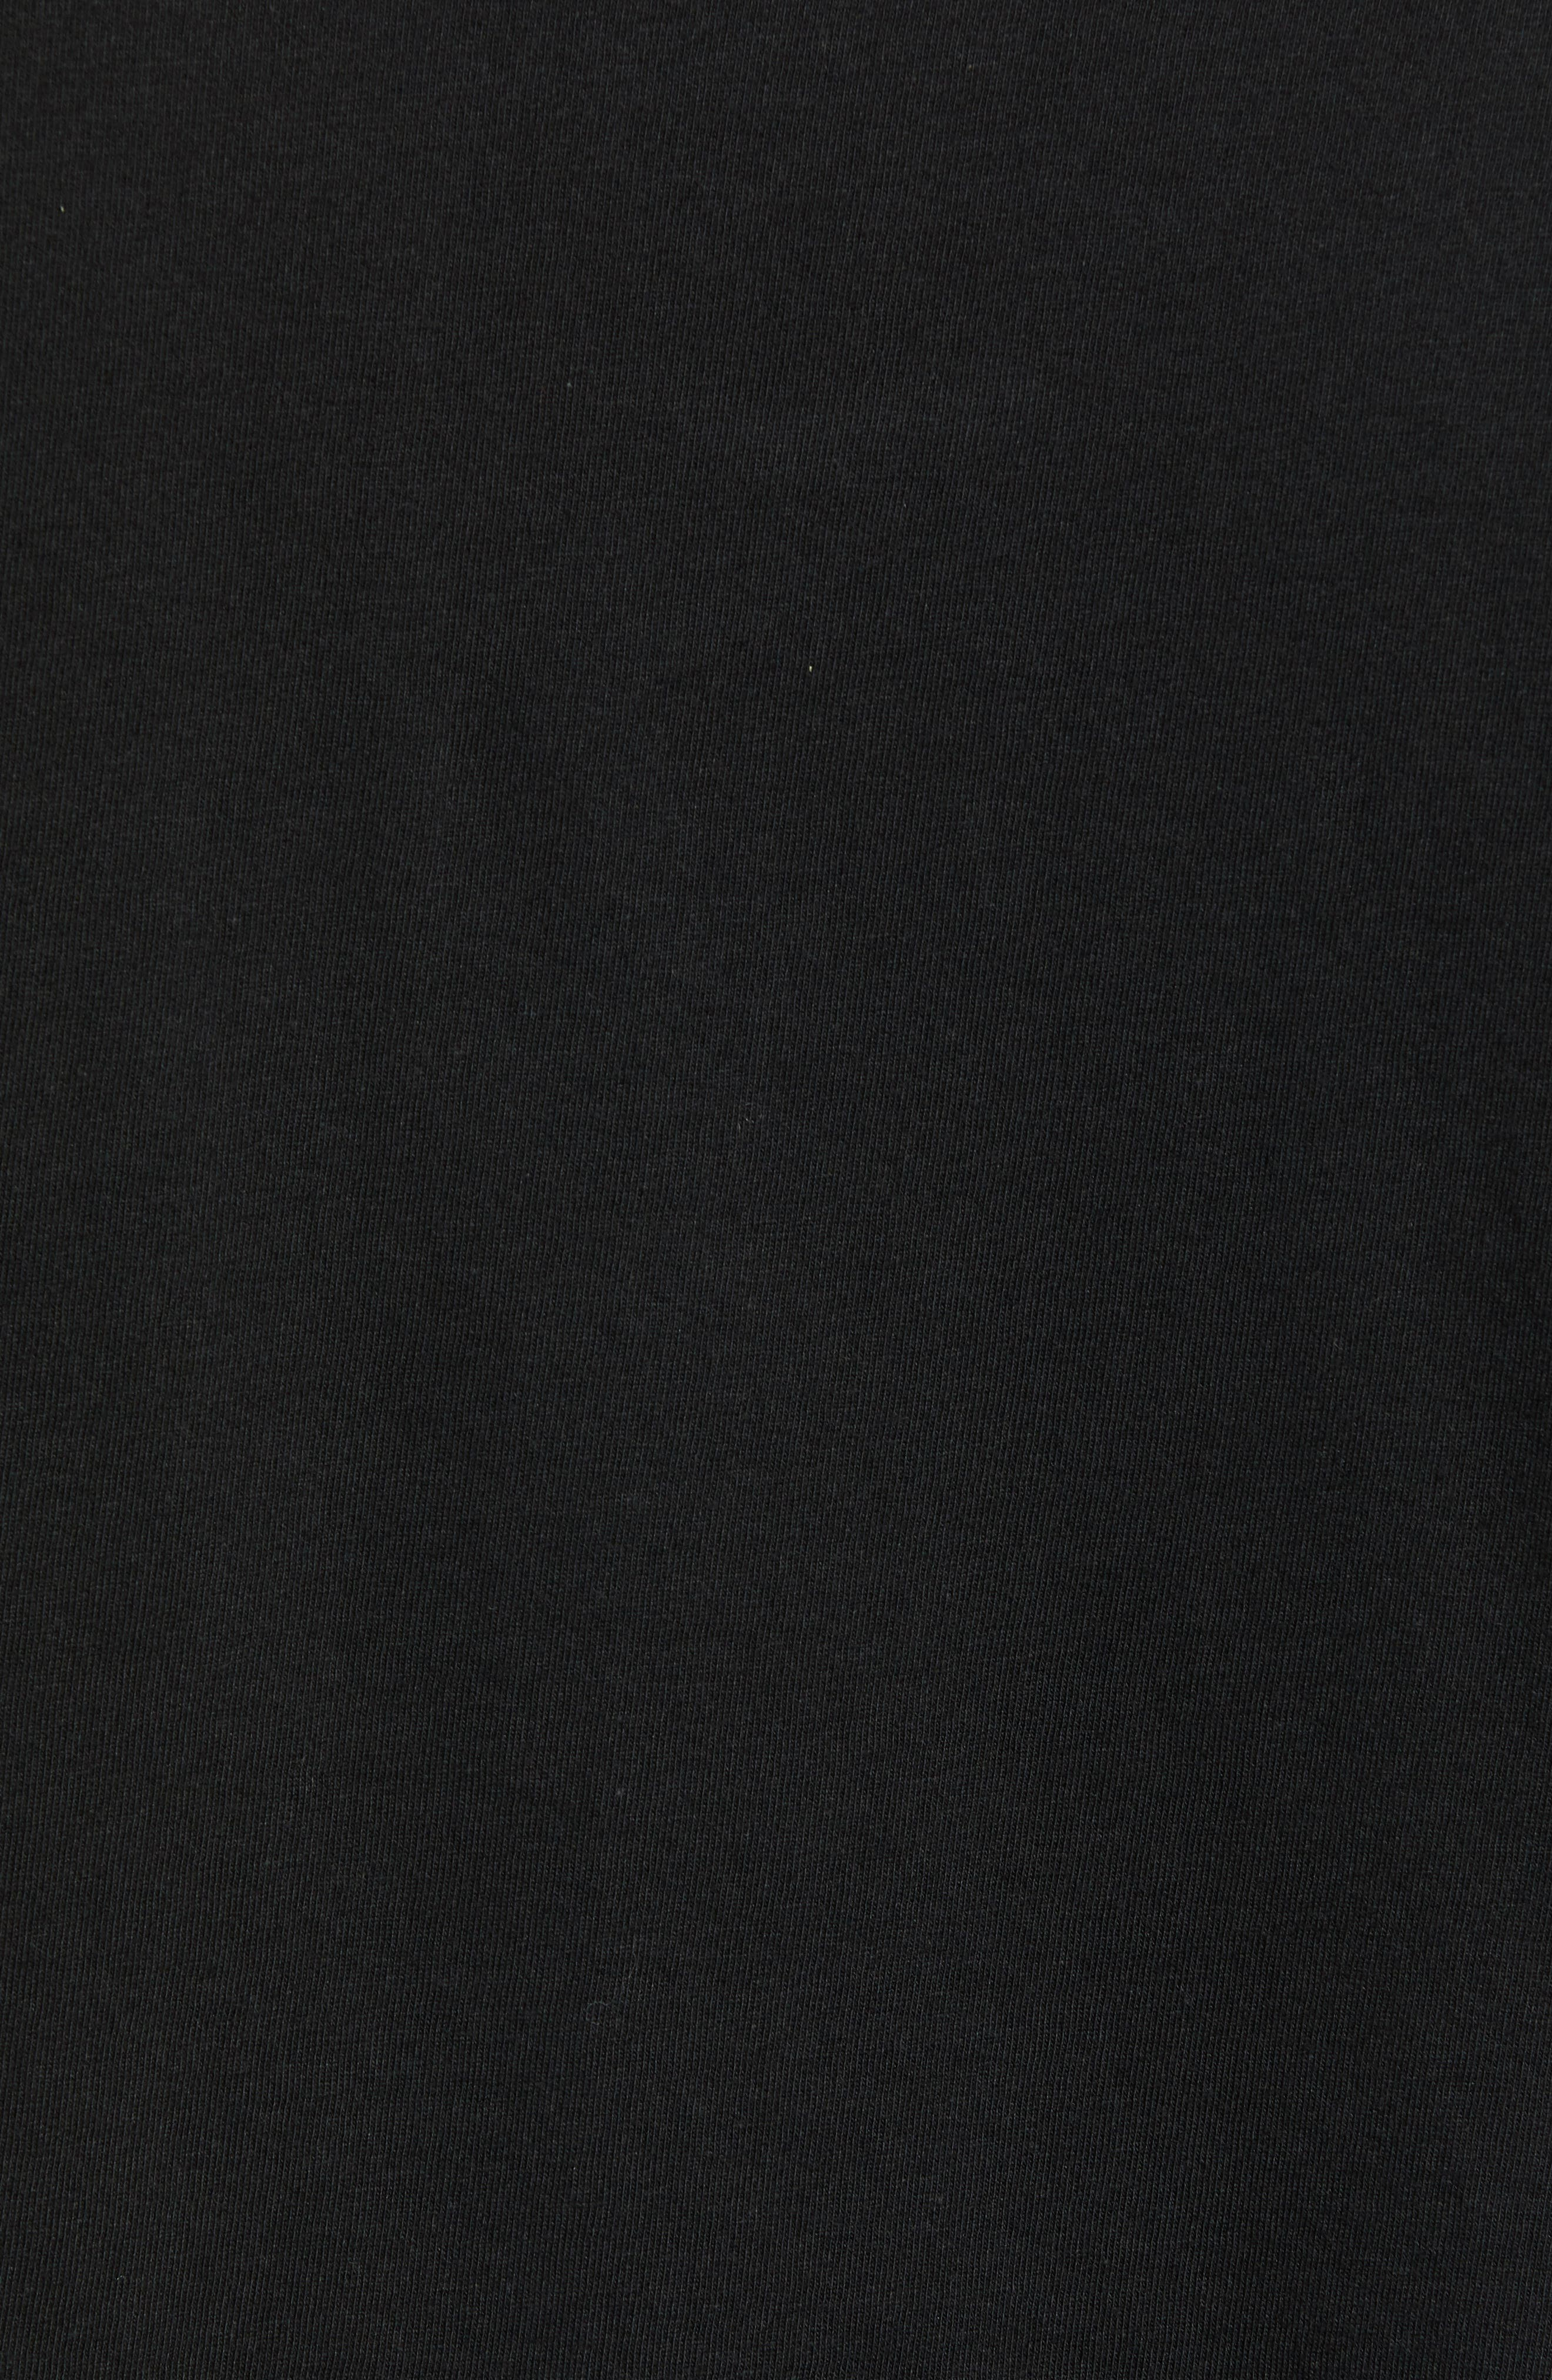 Visual Fidelity Premium T-Shirt,                             Alternate thumbnail 5, color,                             BLACK